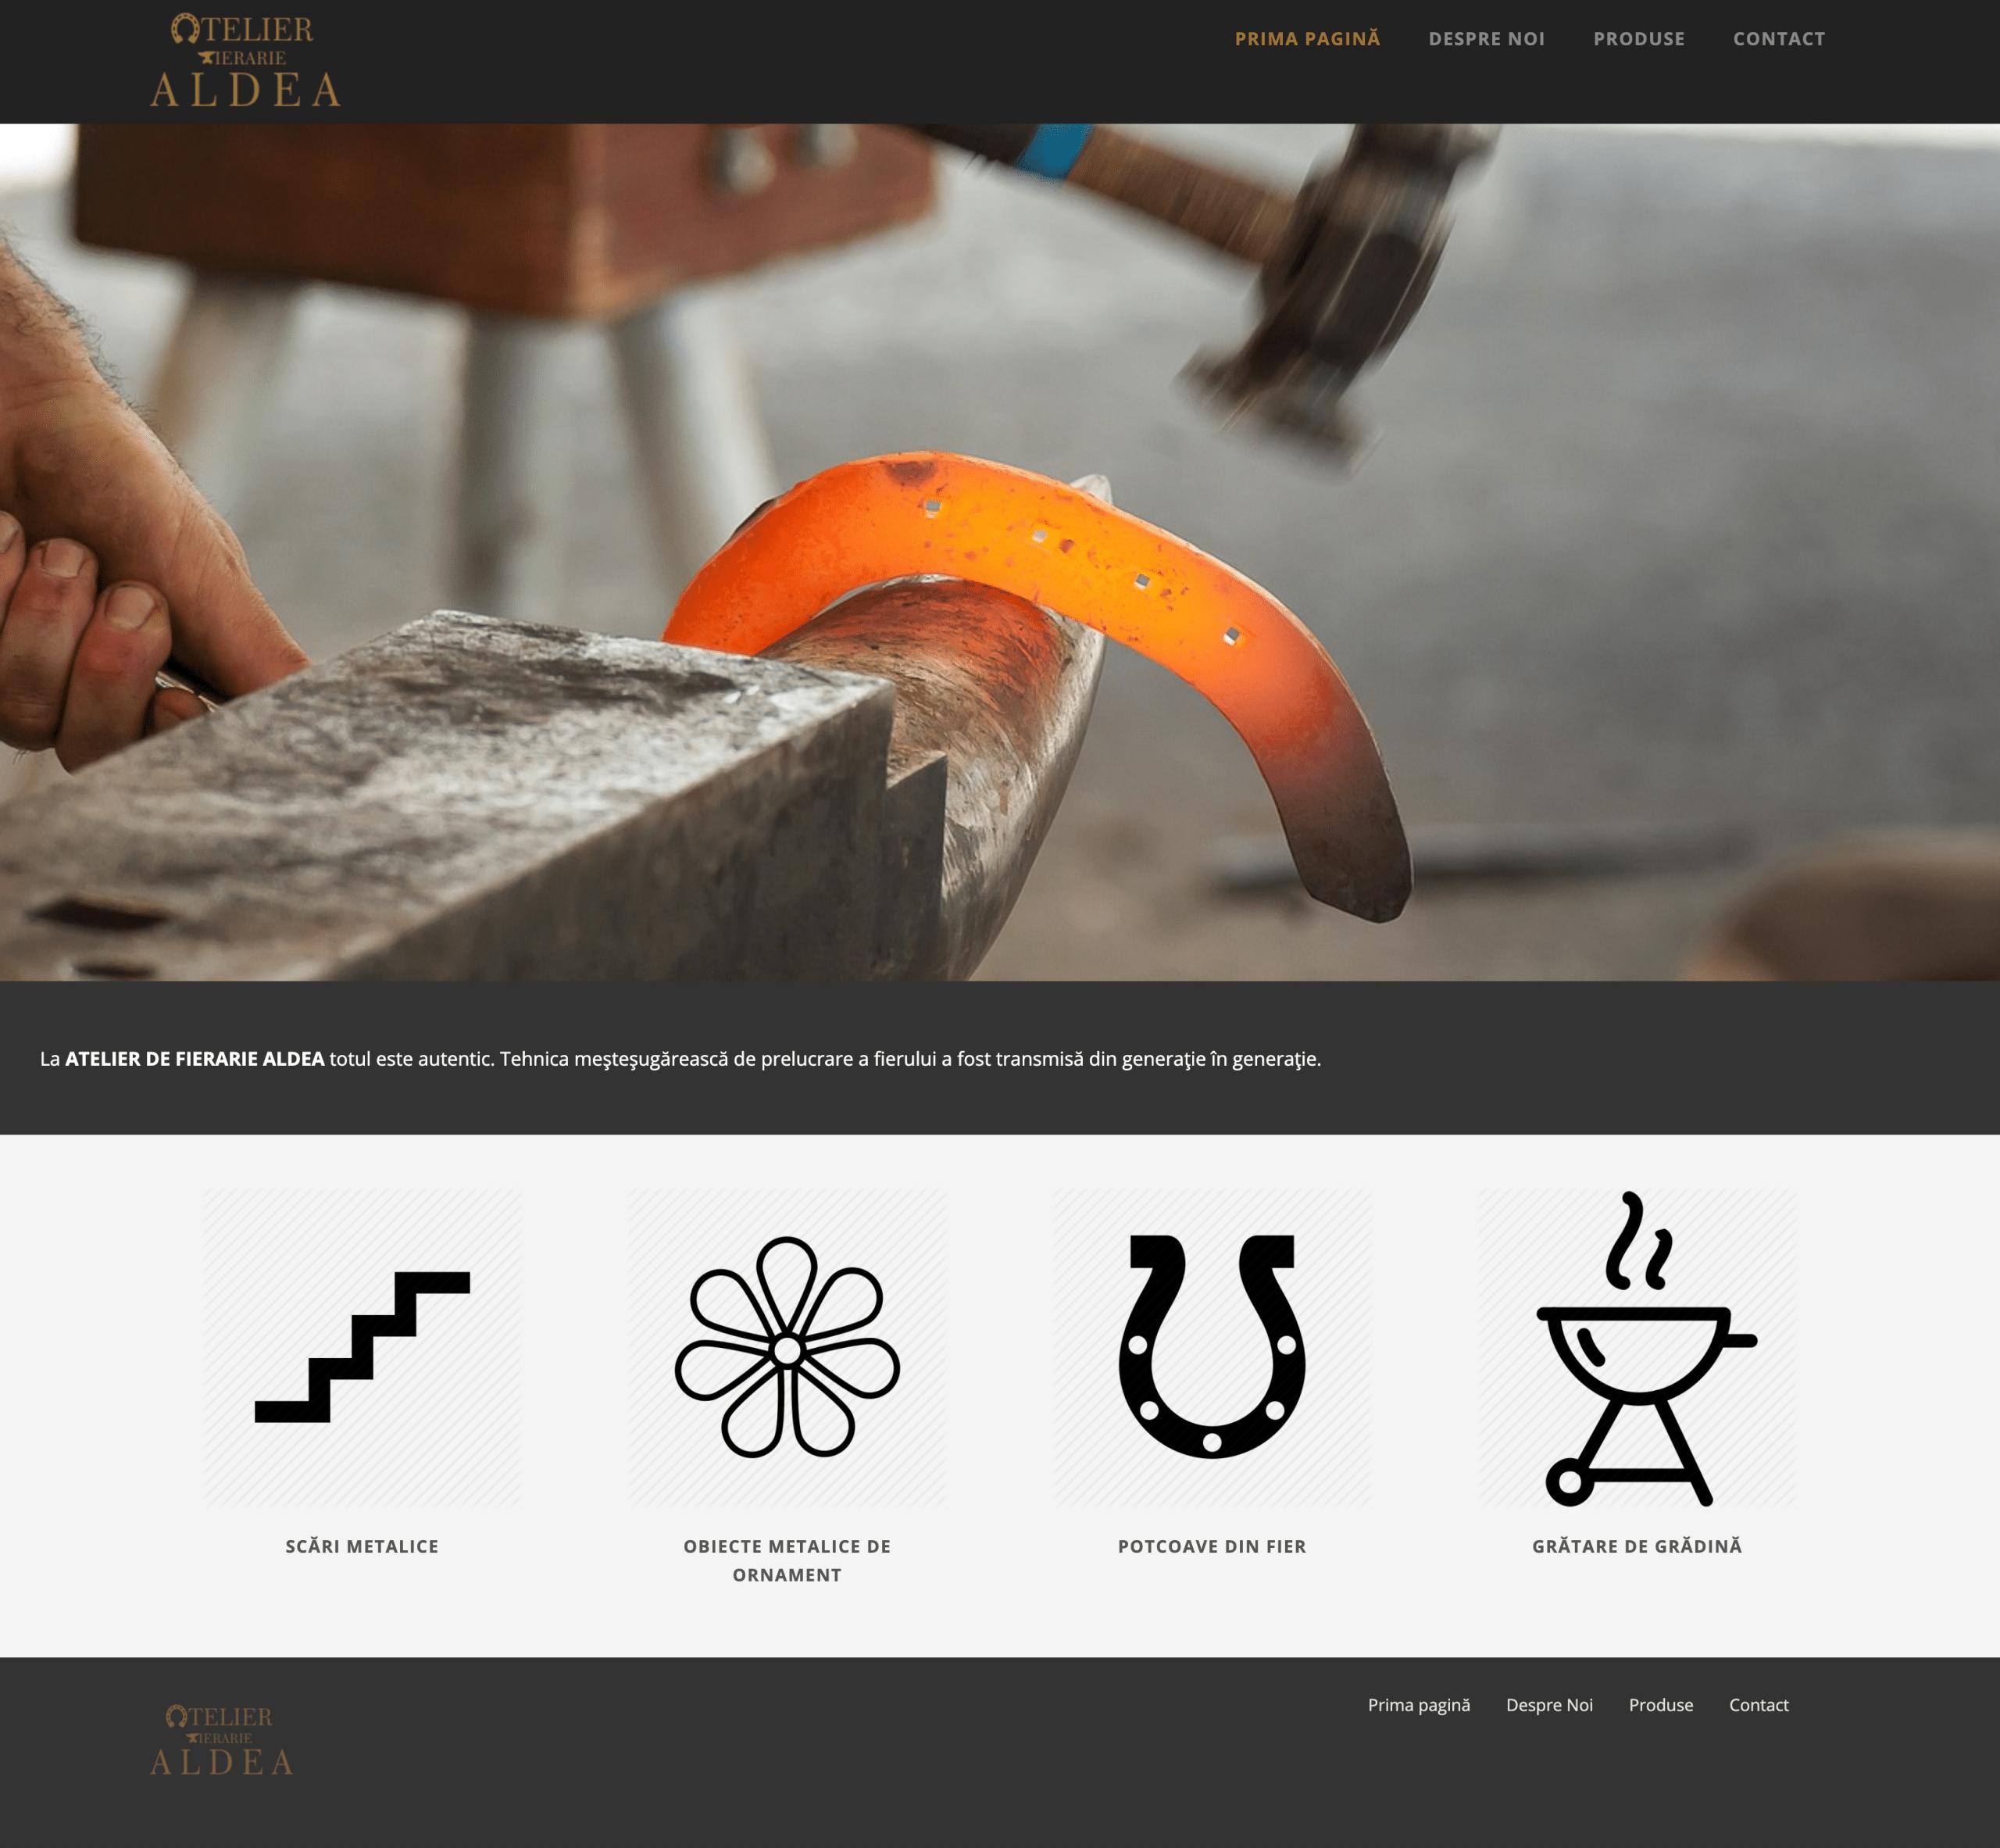 Atelier Fierarie Aldea